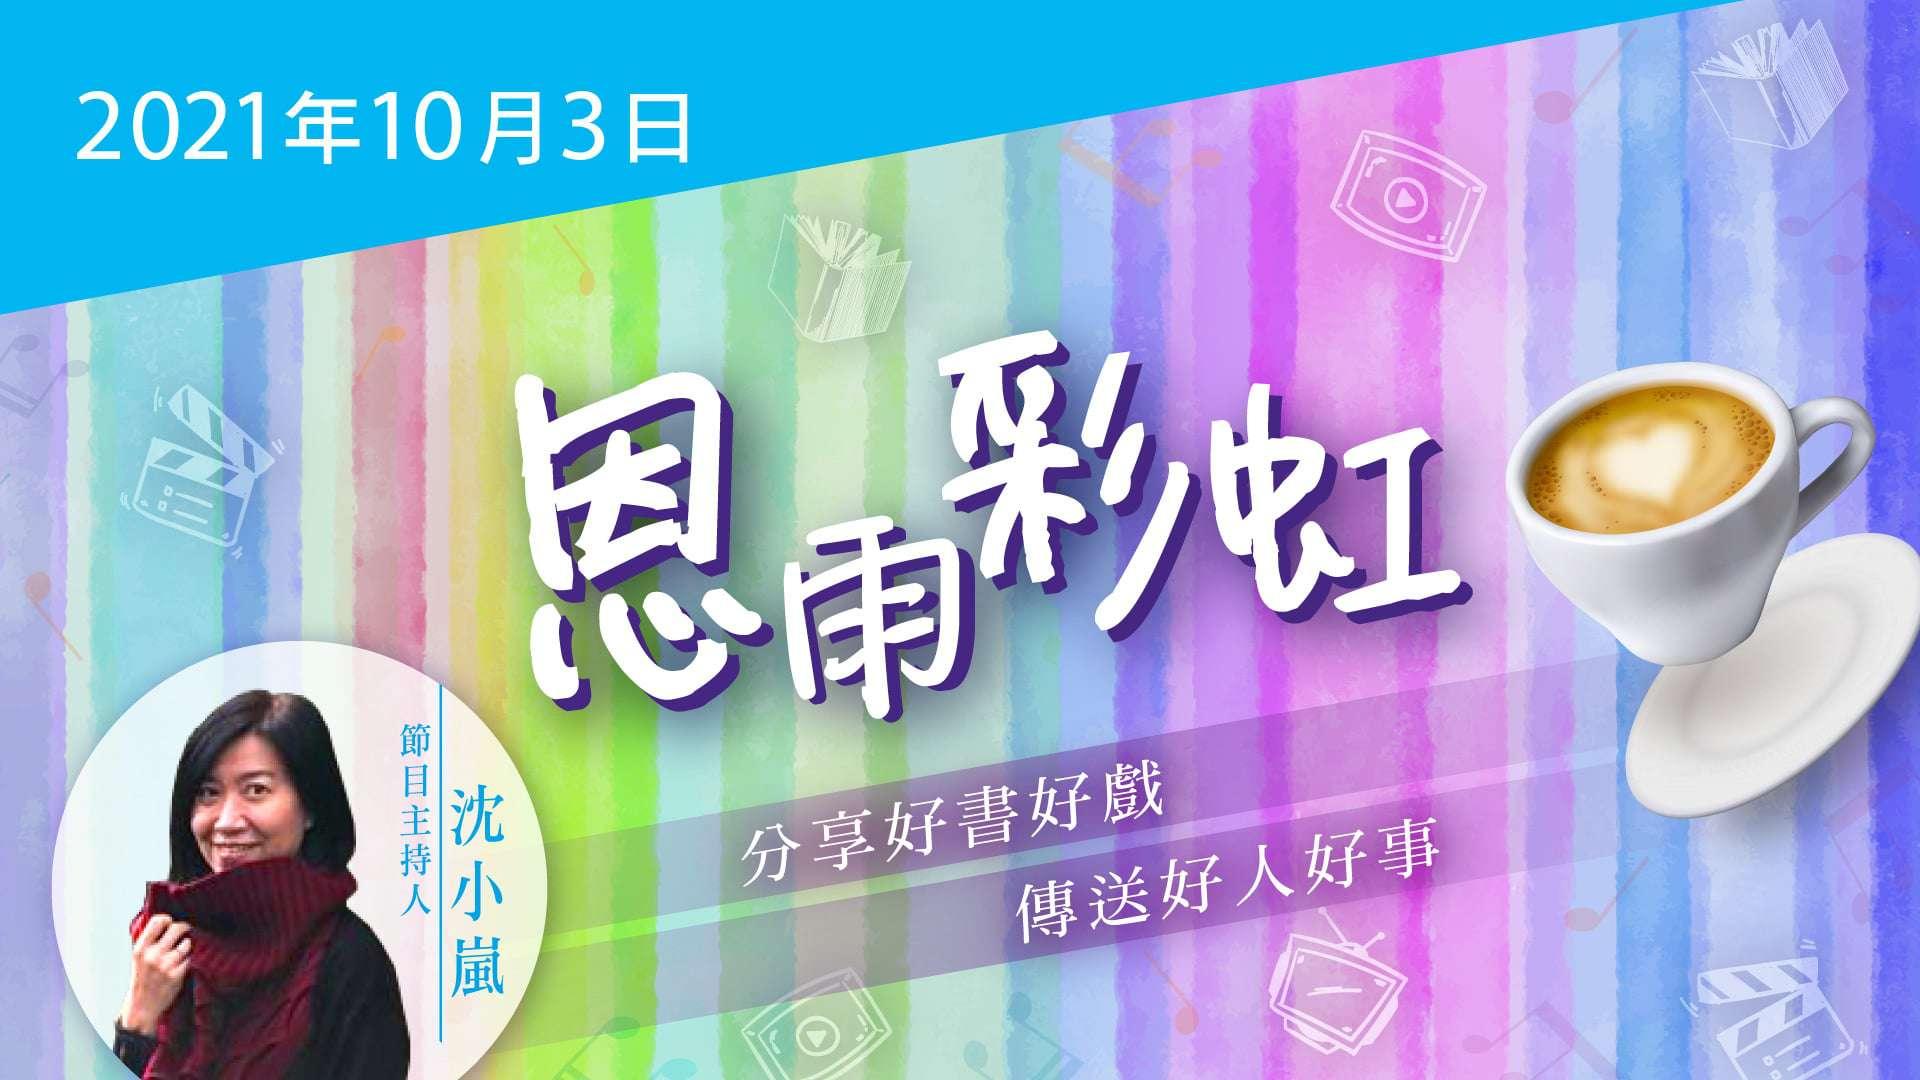 電台 恩雨彩虹 國語 (2021OCT03)